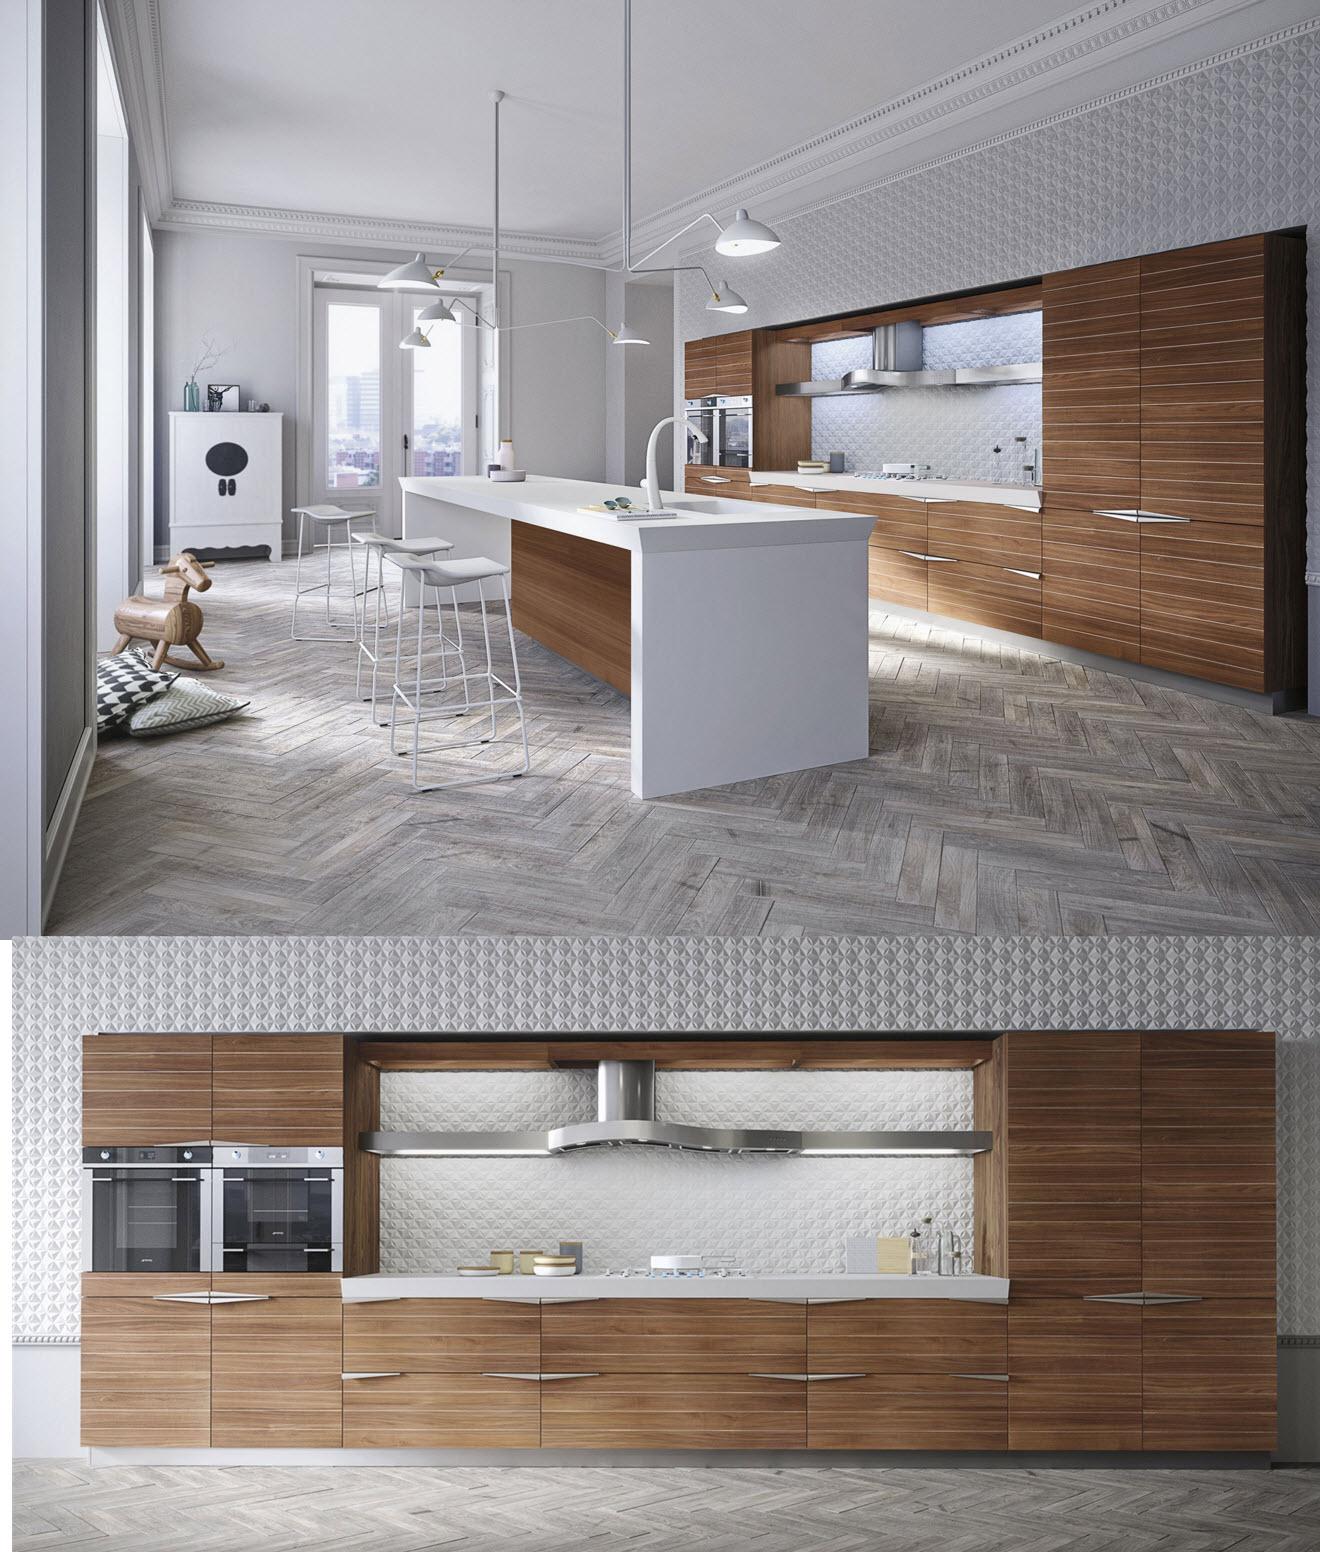 Ideas y dise o de cocinas modernas construye hogar for Frentes de muebles de cocina